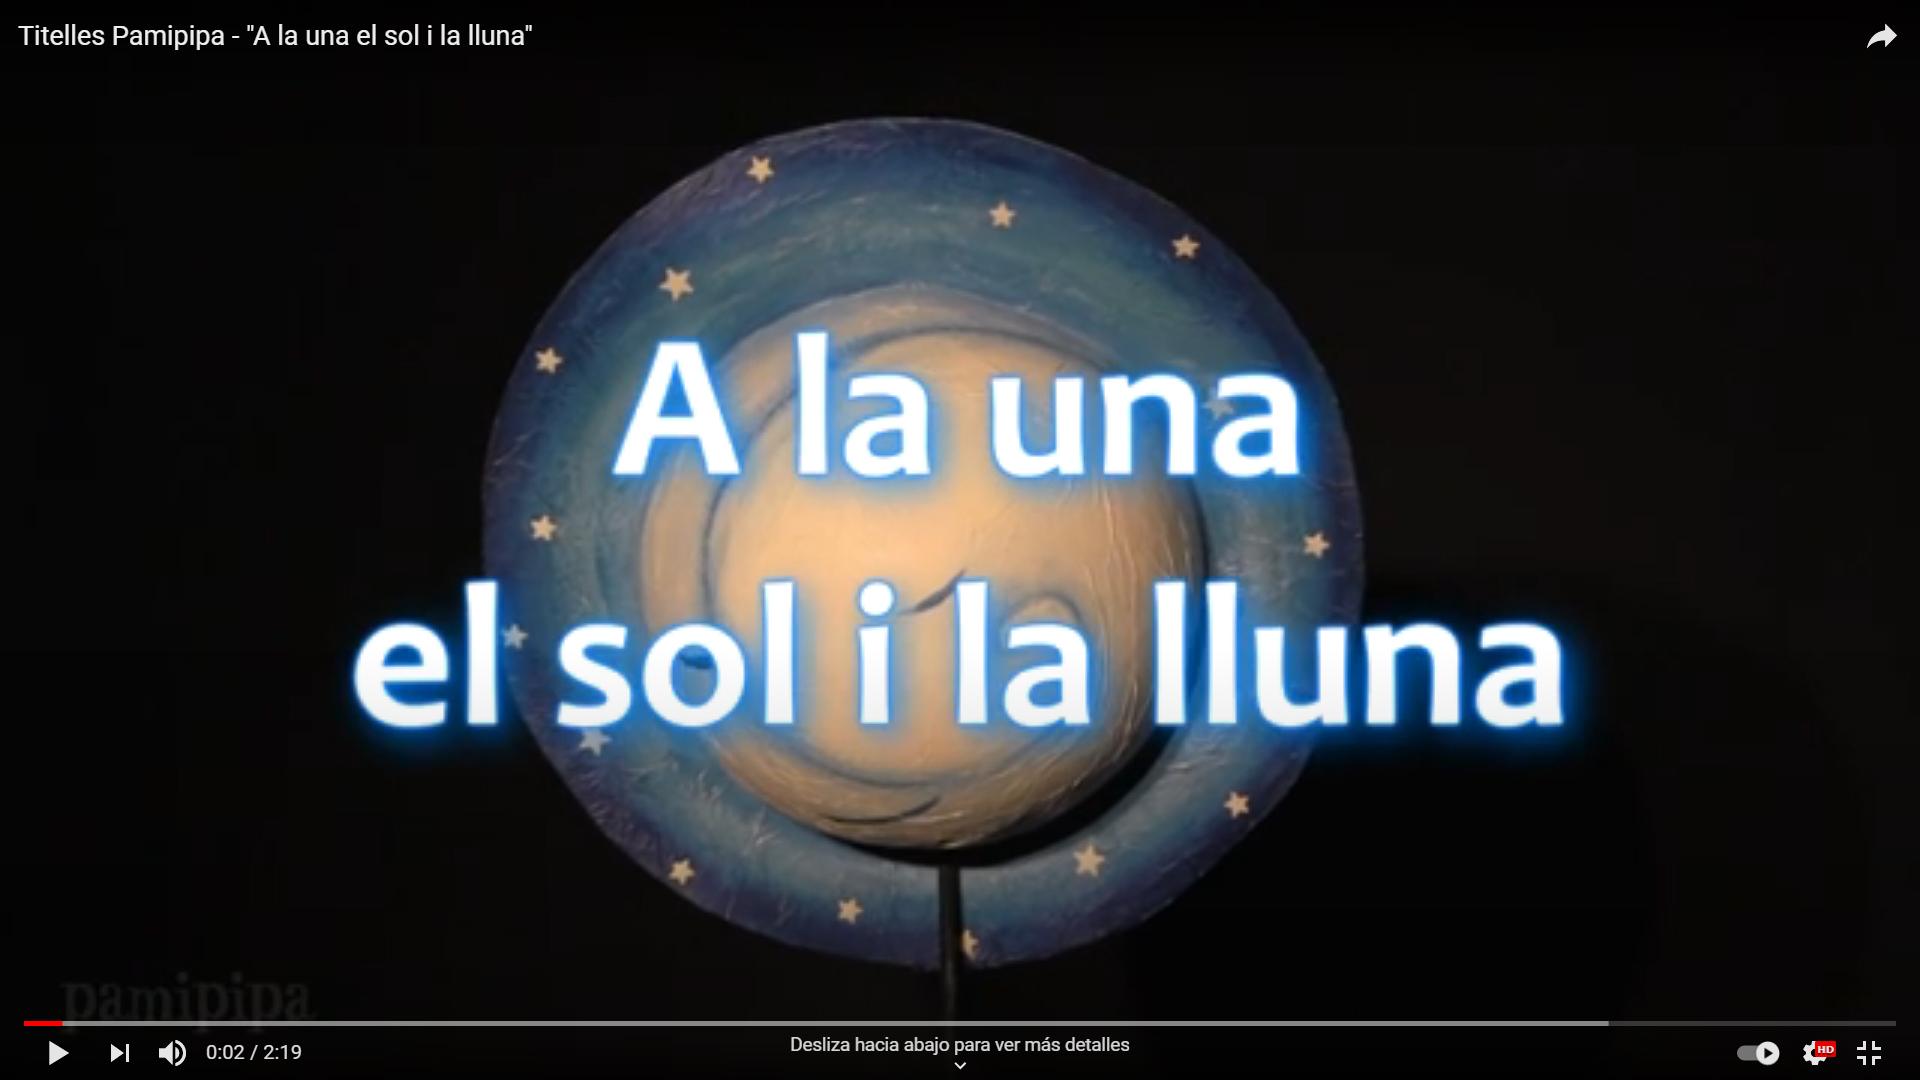 trailer el sol i la lluna de Titelles Pamipipa